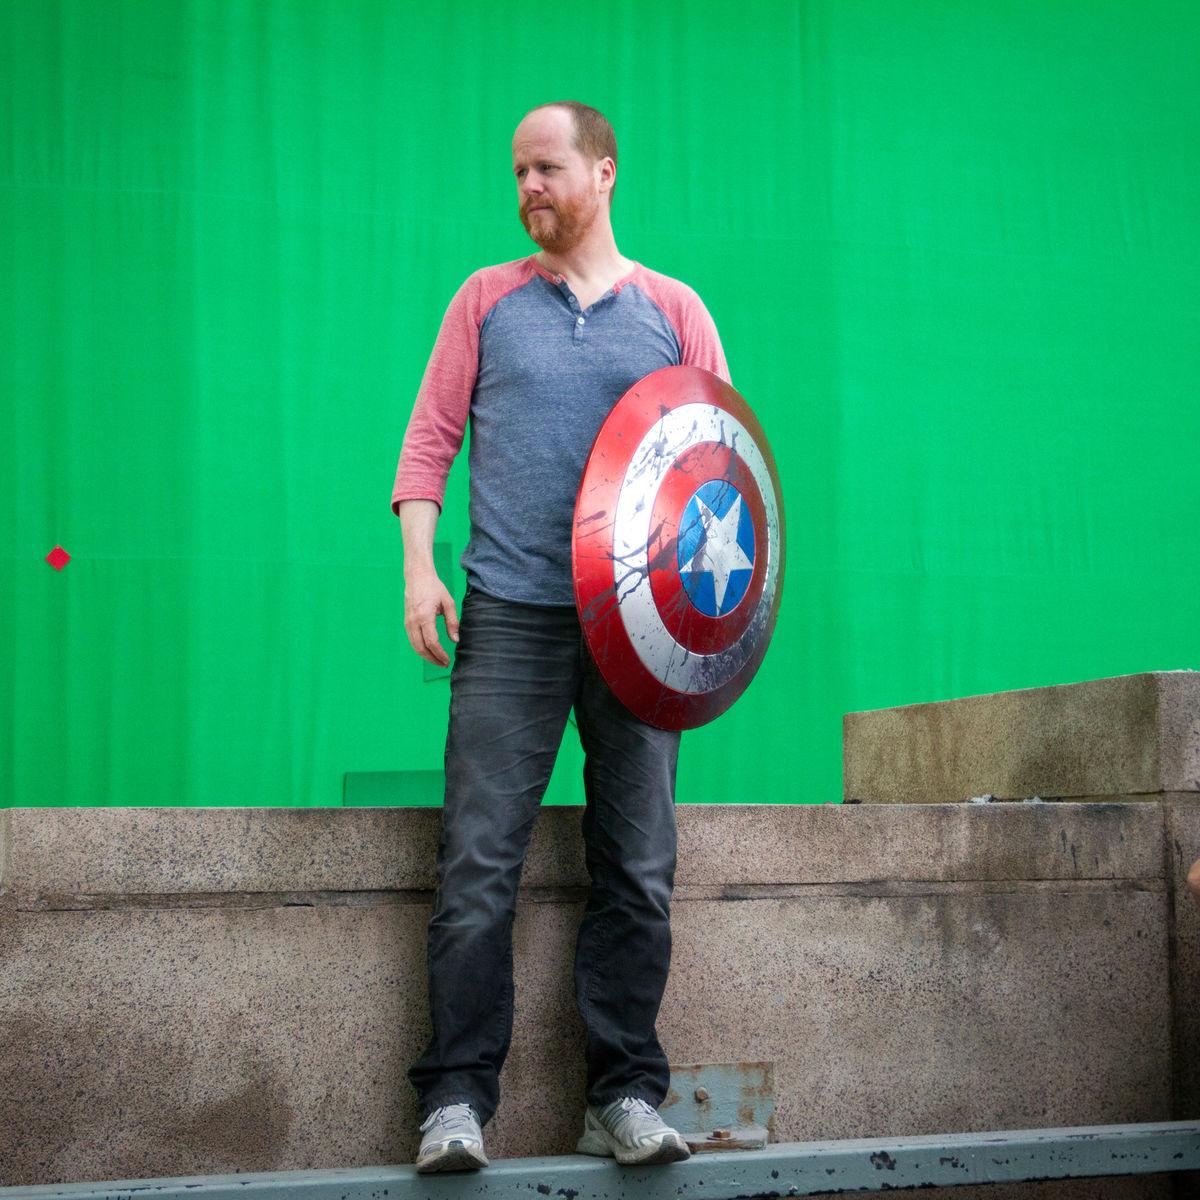 The-Avengers-BTS-Joss-Whedon.jpg